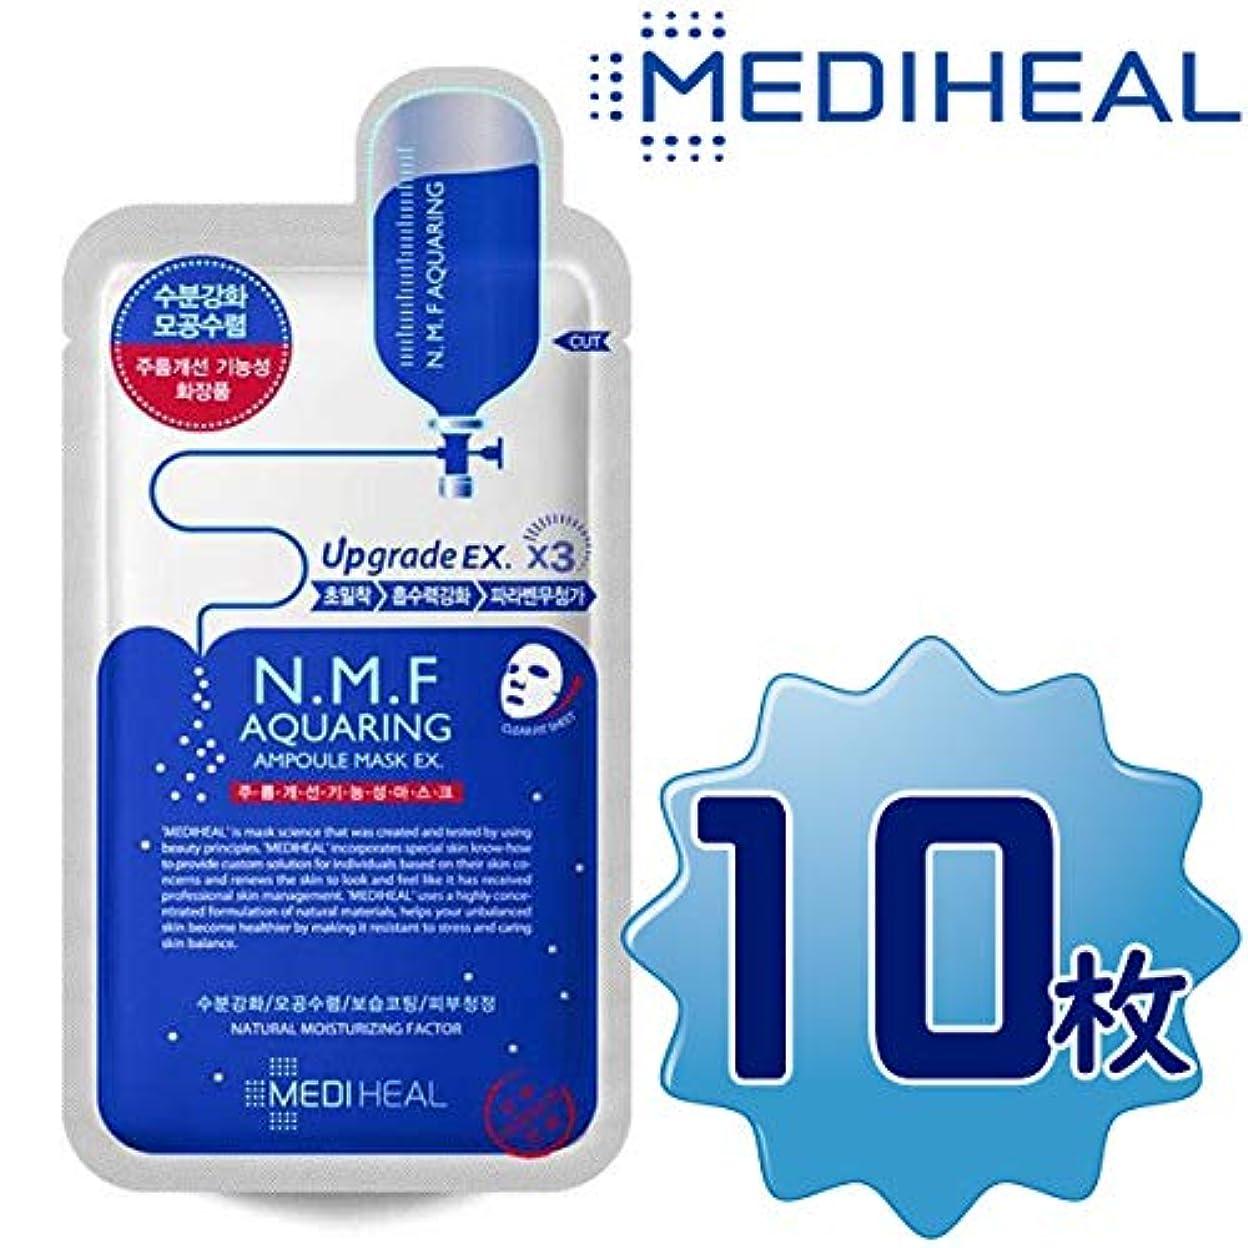 認めるテンポ迫害する【正規輸入品】Mediheal メディヒール N.M.F アクアリング アンプル?マスクパックEX 10枚入り×1(Aquaring Ampoule Essential Mask PackEX 1box(10sheet)×1